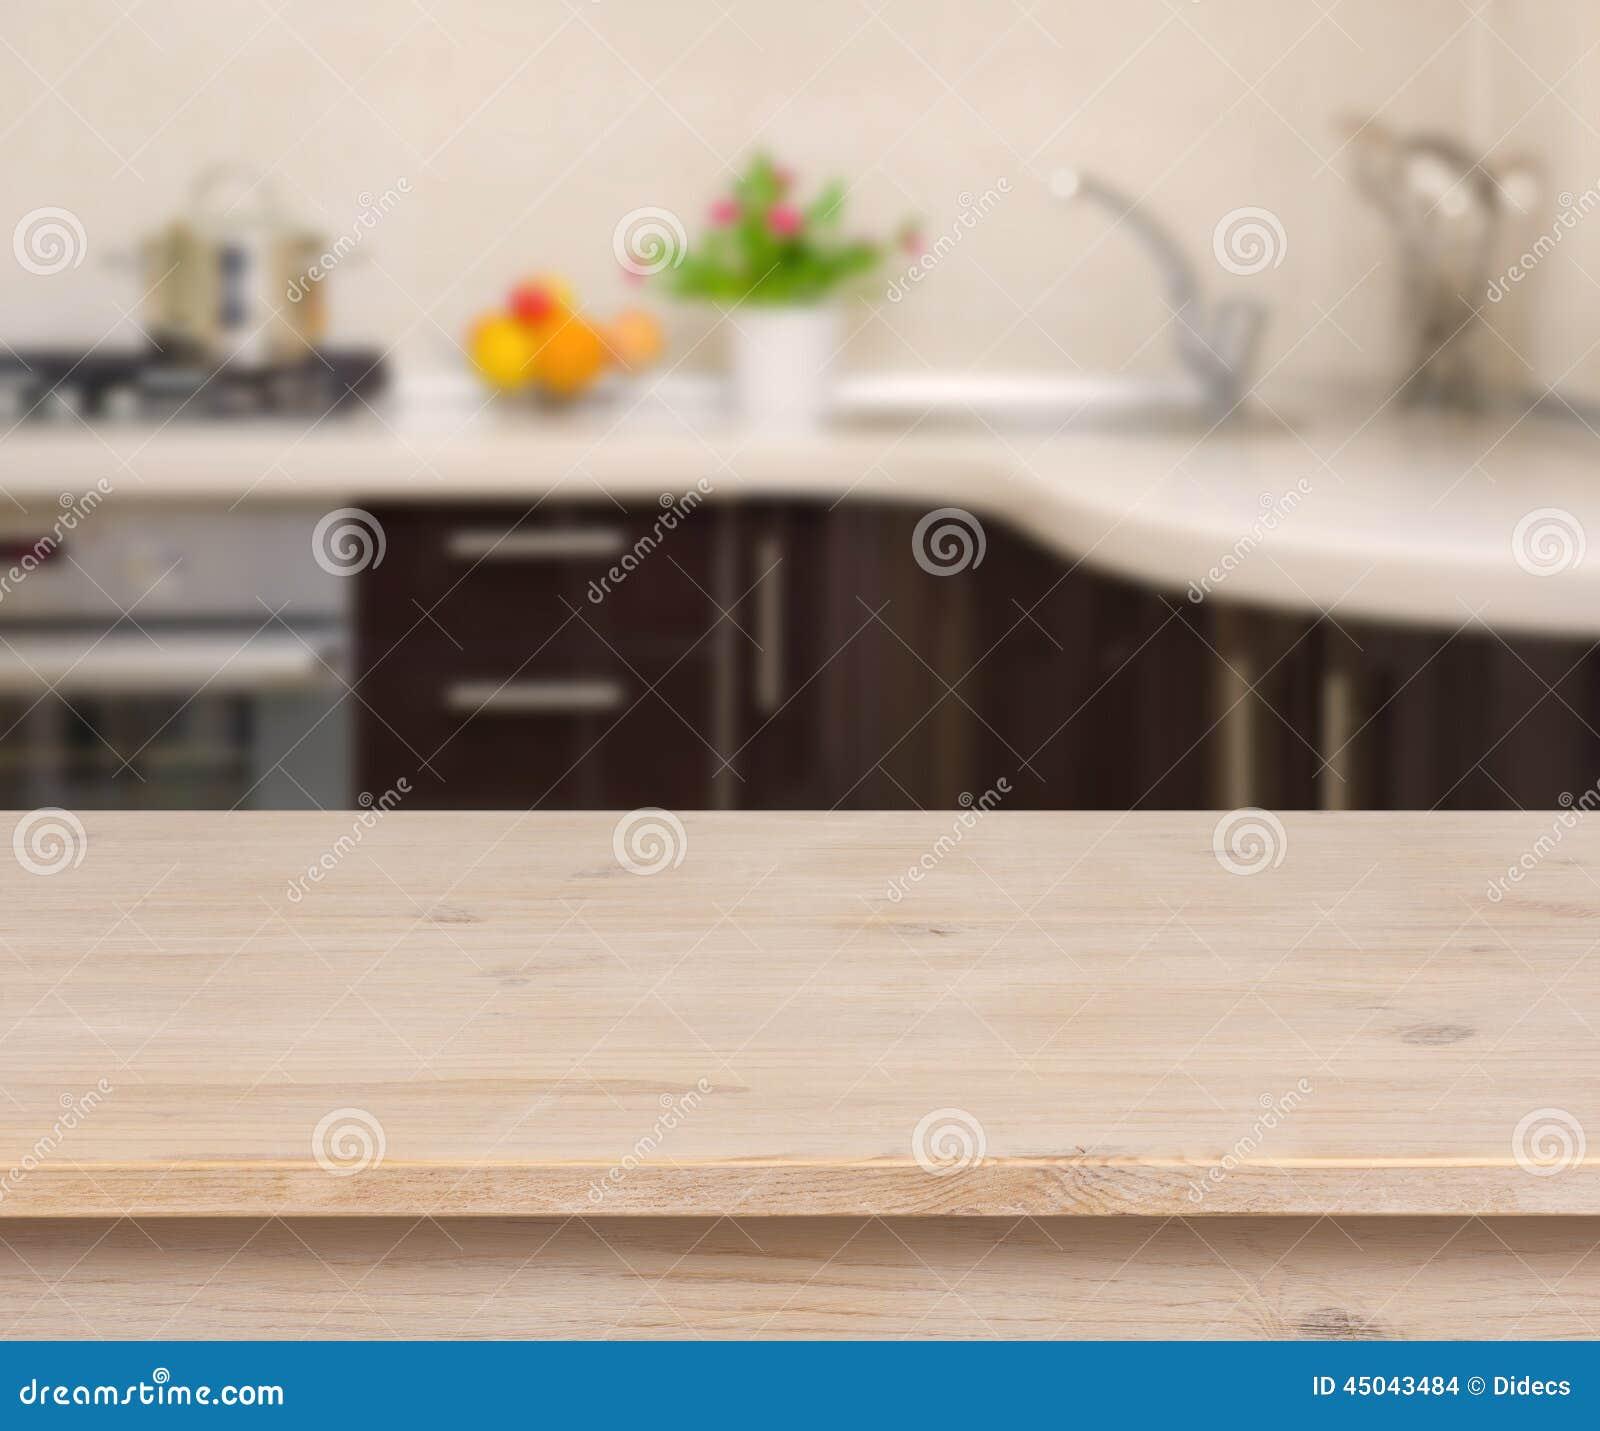 Frühstückstisch auf Kücheninnenraumhintergrund